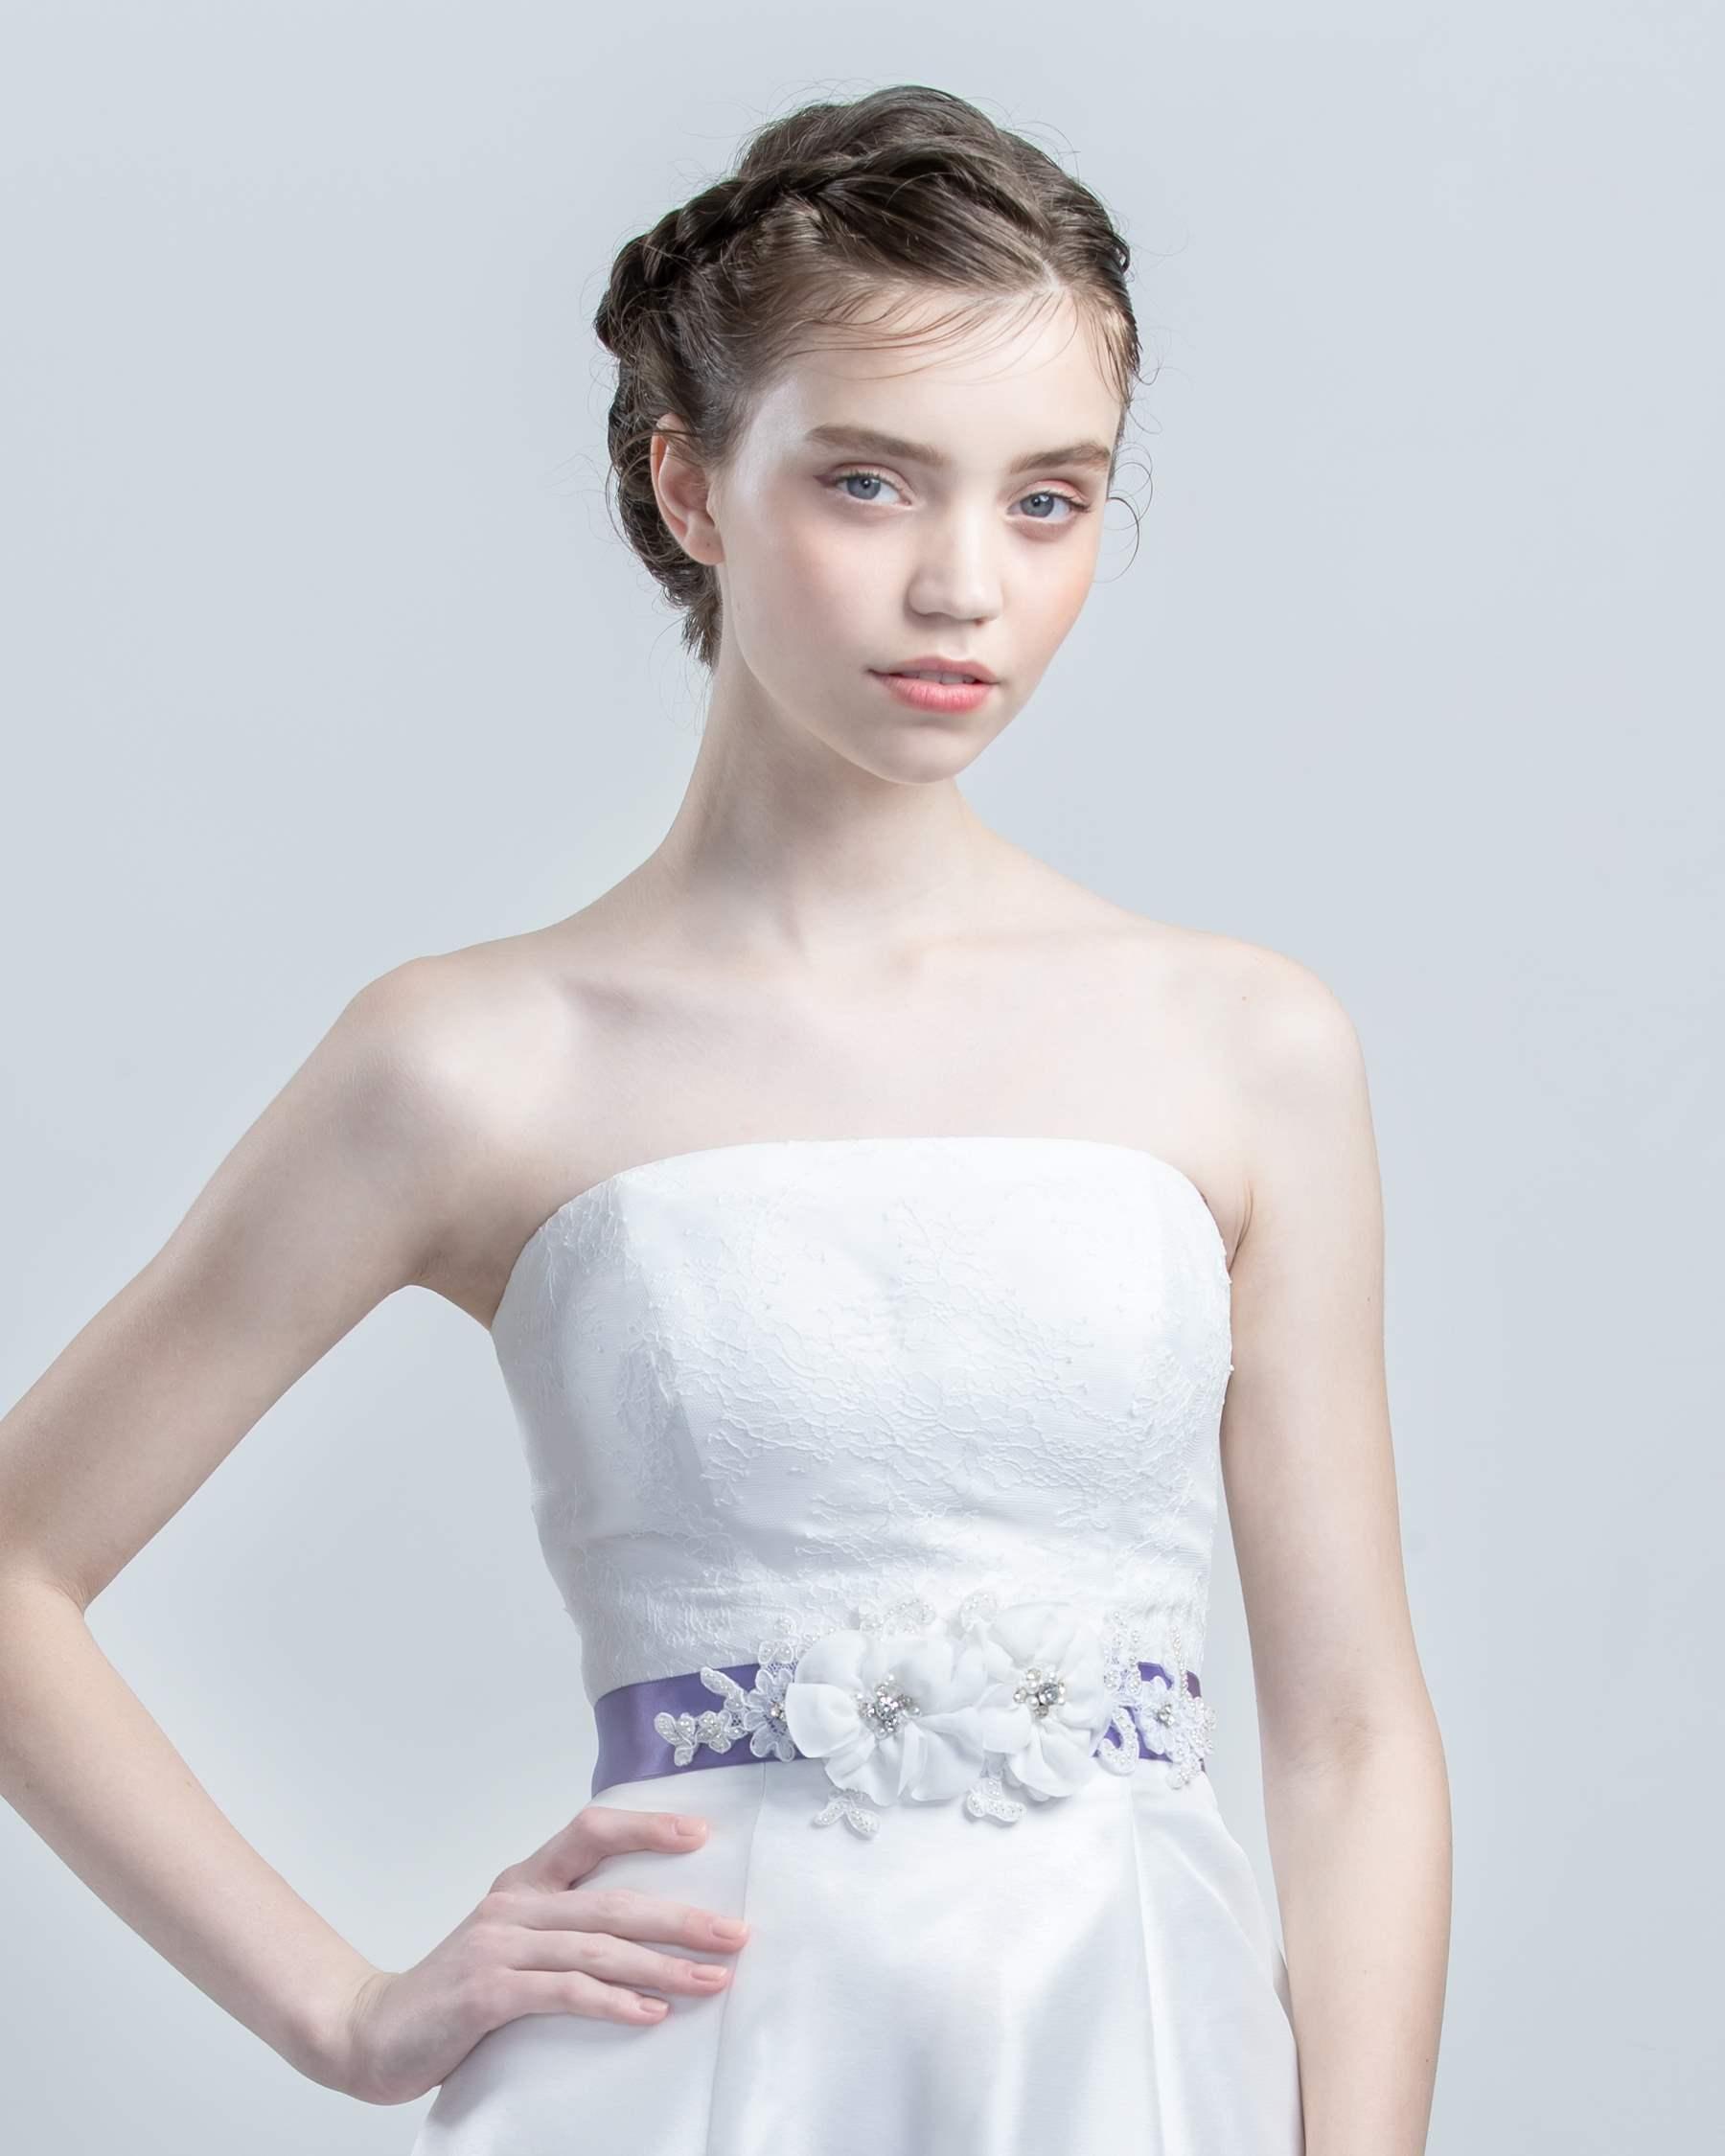 48a093e889c47 二次会ドレスはネットで簡単レンタル「レントアキューティー」 サッシュ ...